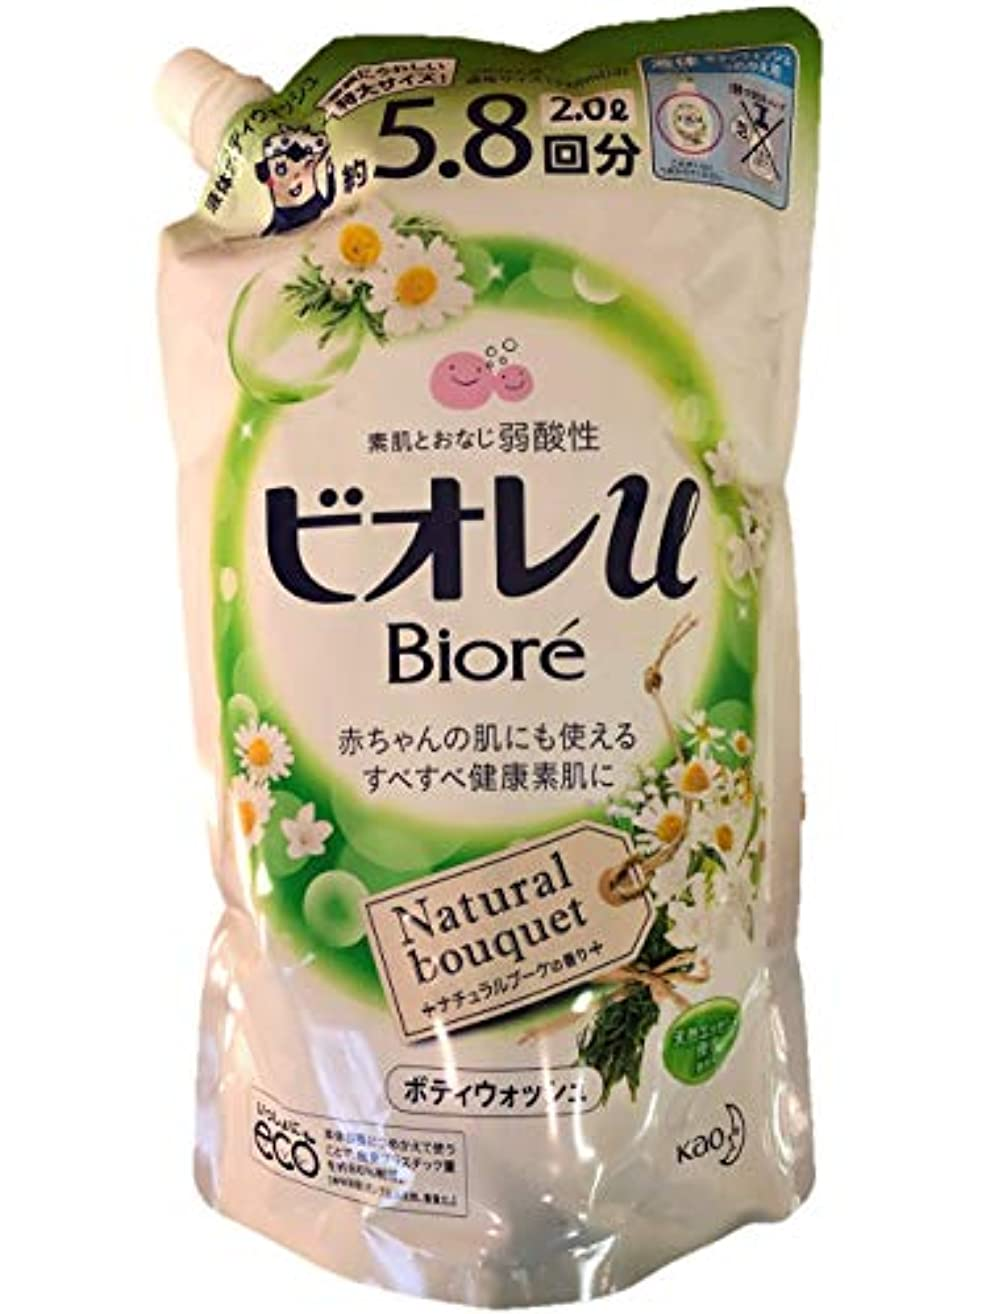 情熱エンドテーブル交差点【大容量】ビオレu 詰め替え用 ナチュラルブーケの香り 5.8回分 2L